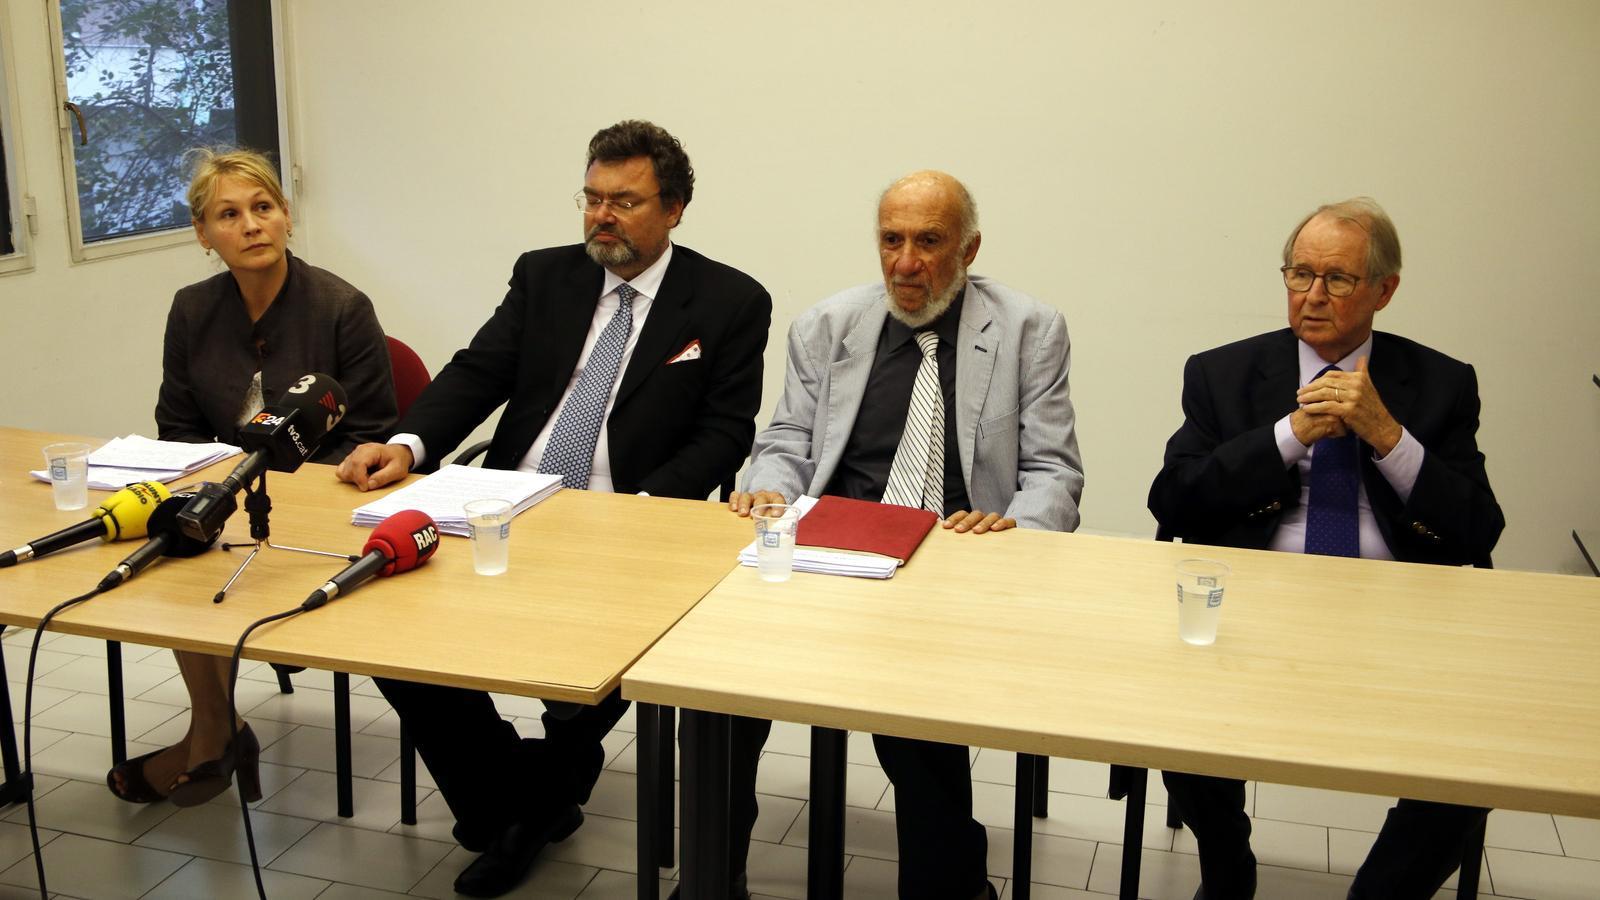 Els experts en dret internacional Ana Stanic, Marc weller, Richard Falk i John Dugard, aquest dimecres en roda de premsa a Barcelona / JOSEP RAMON TORNÉ / ACN